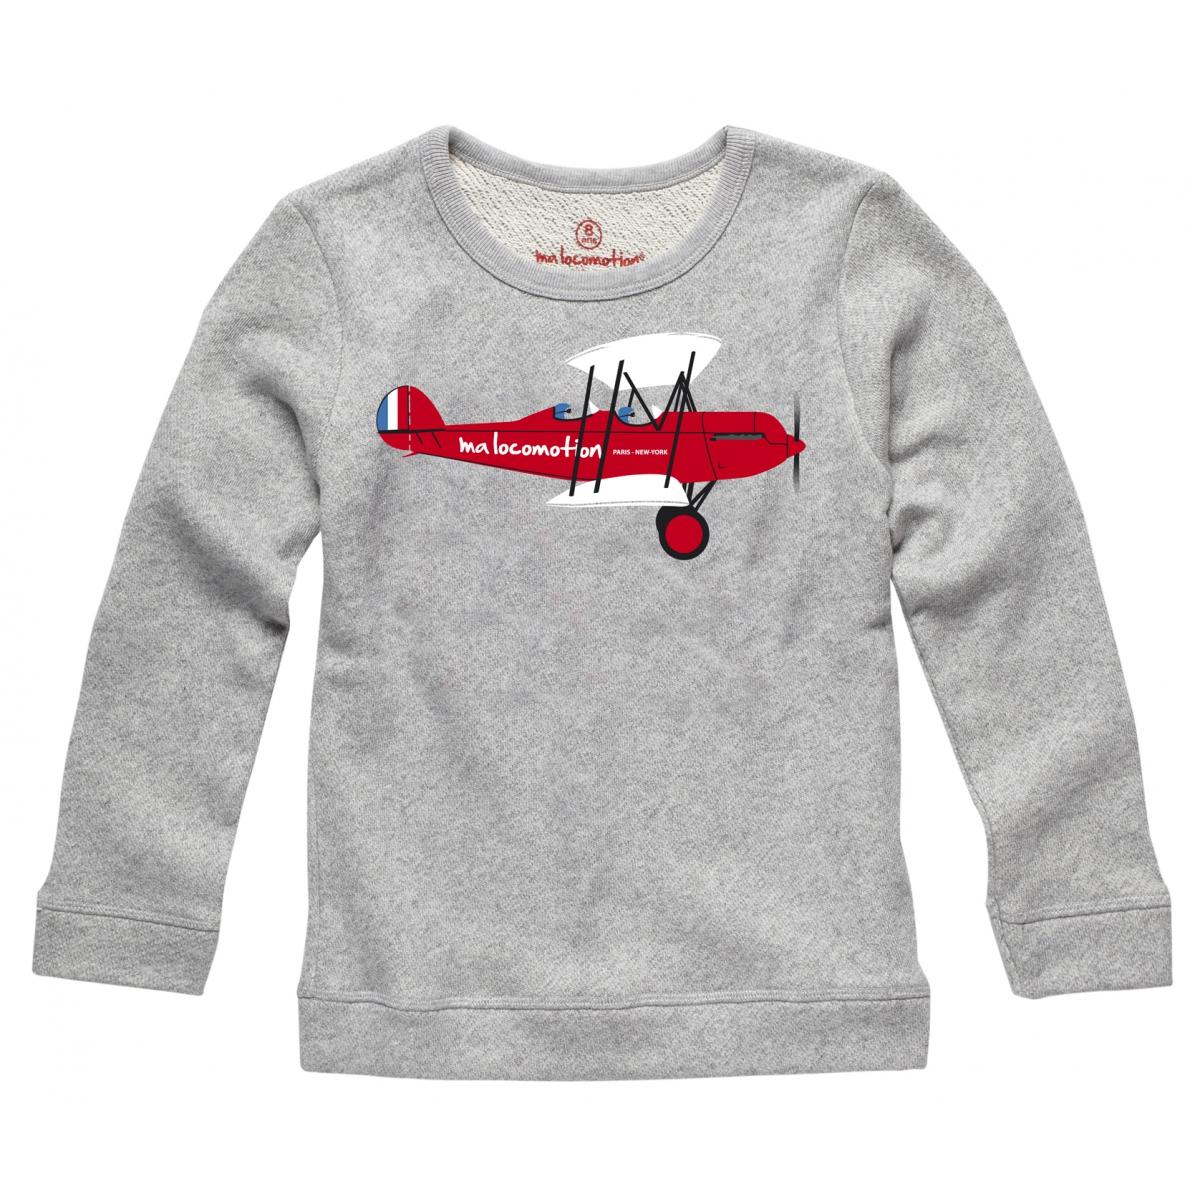 Airplane sweat shirt